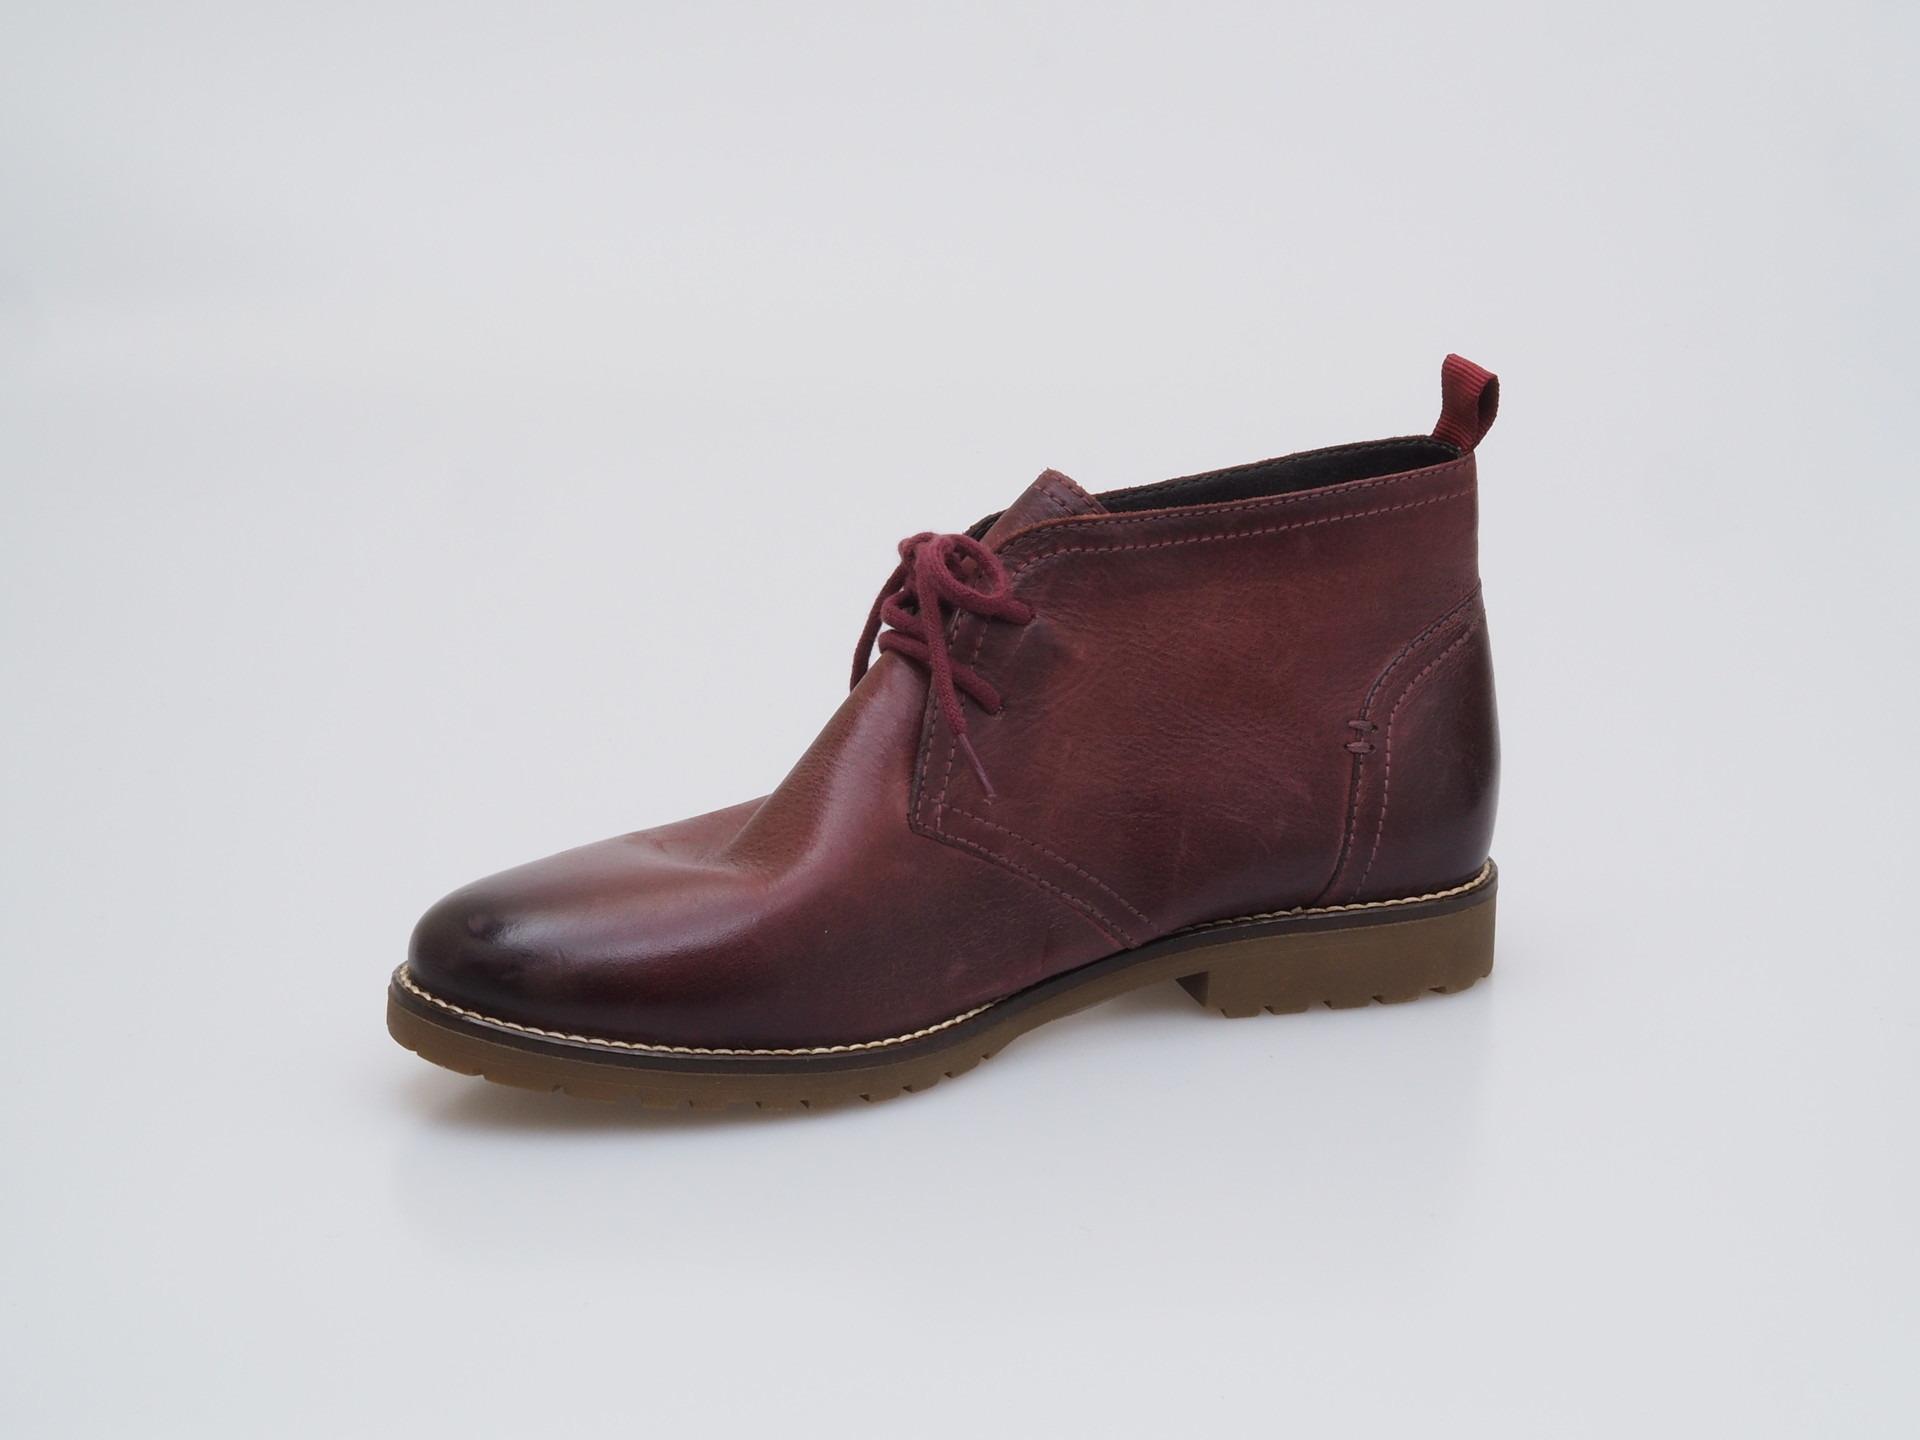 c8d555c668da Soňa - Dámska obuv - Kotníčky - Bordová dámska šnurovacia obuv